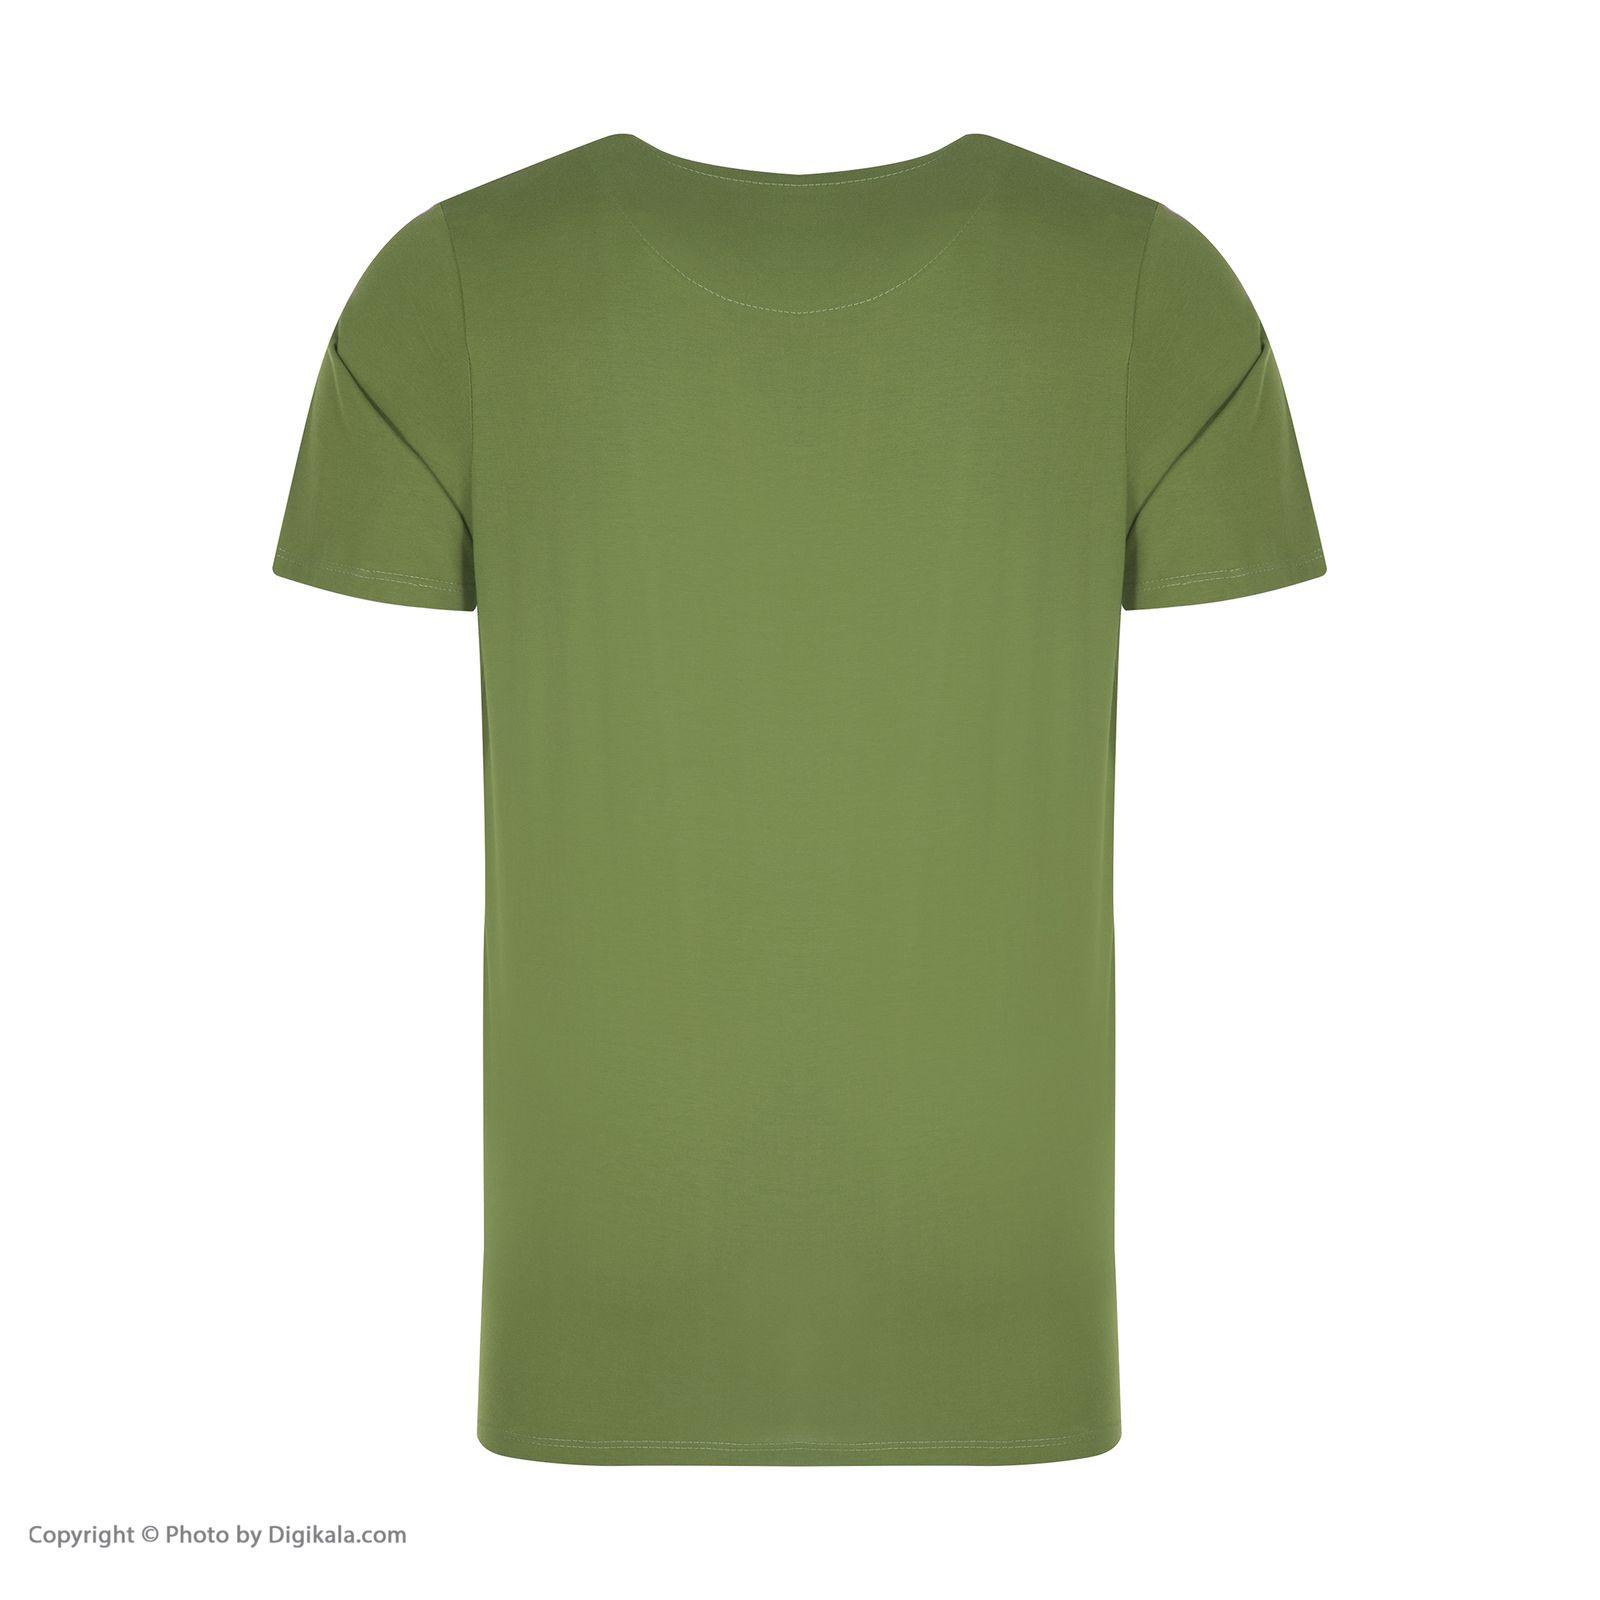 ست تی شرت و شلوارک راحتی مردانه مادر مدل 2041106-42 -  - 6